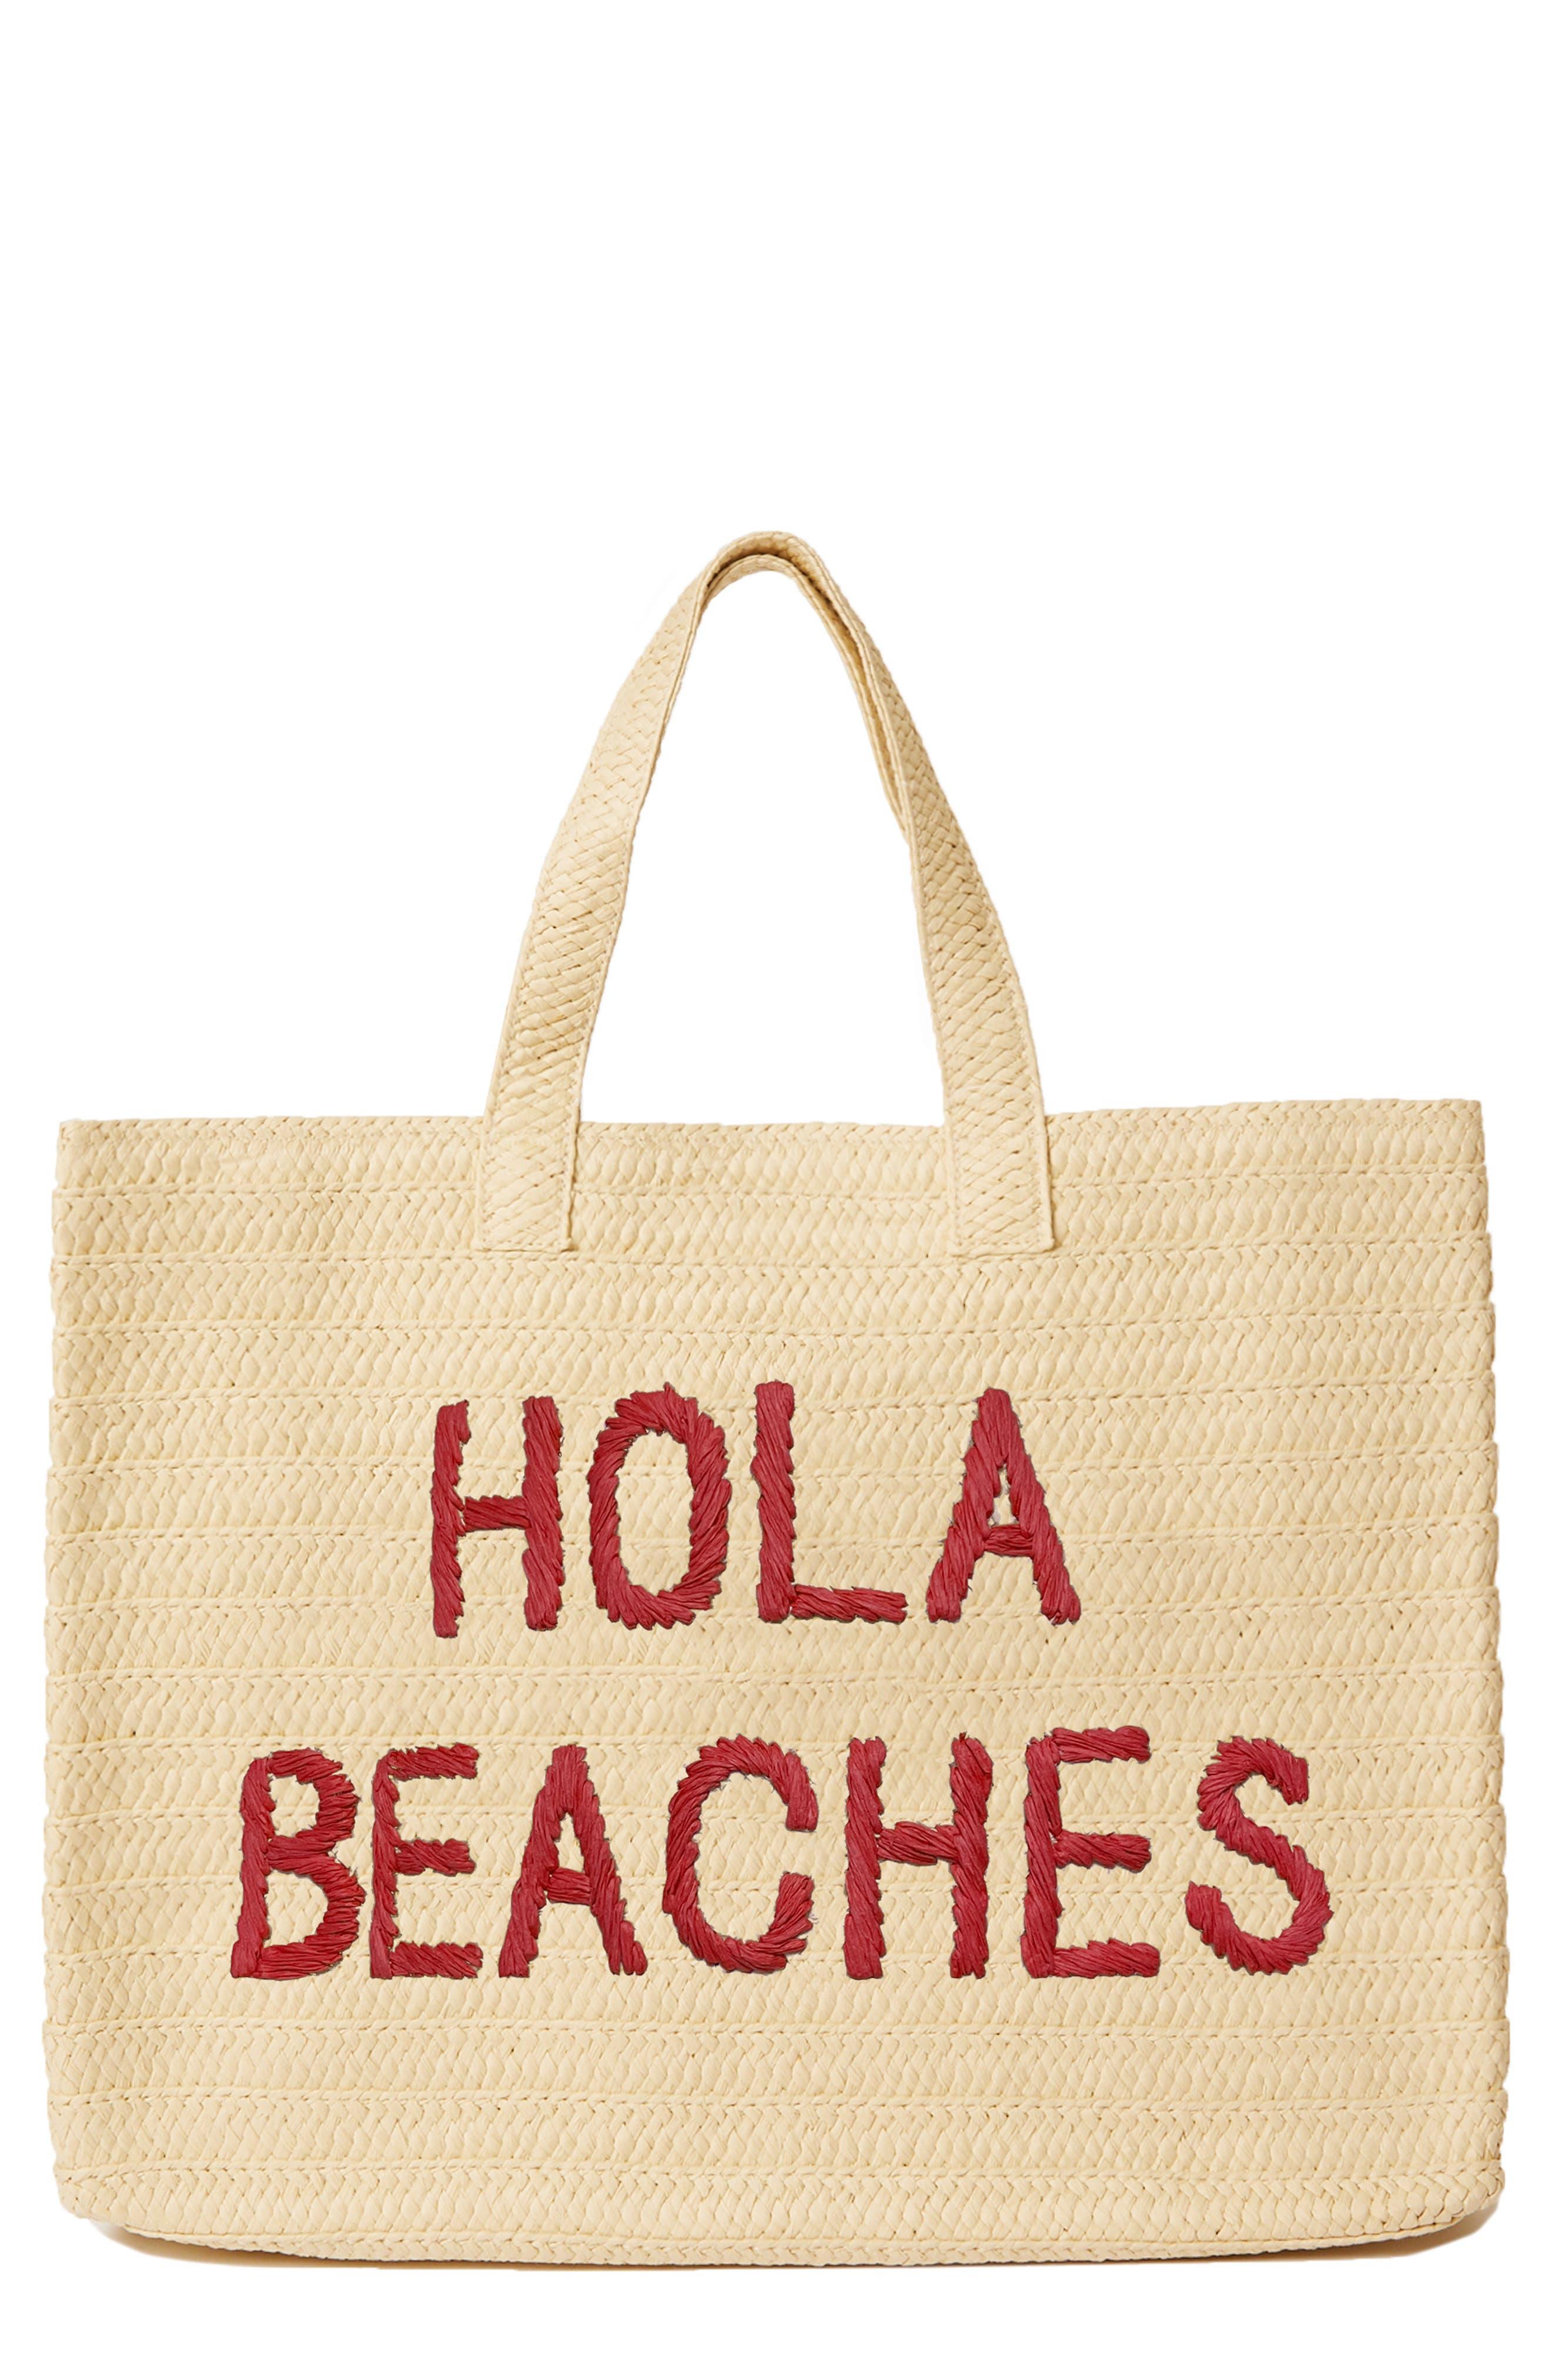 Hola Beaches Straw Tote